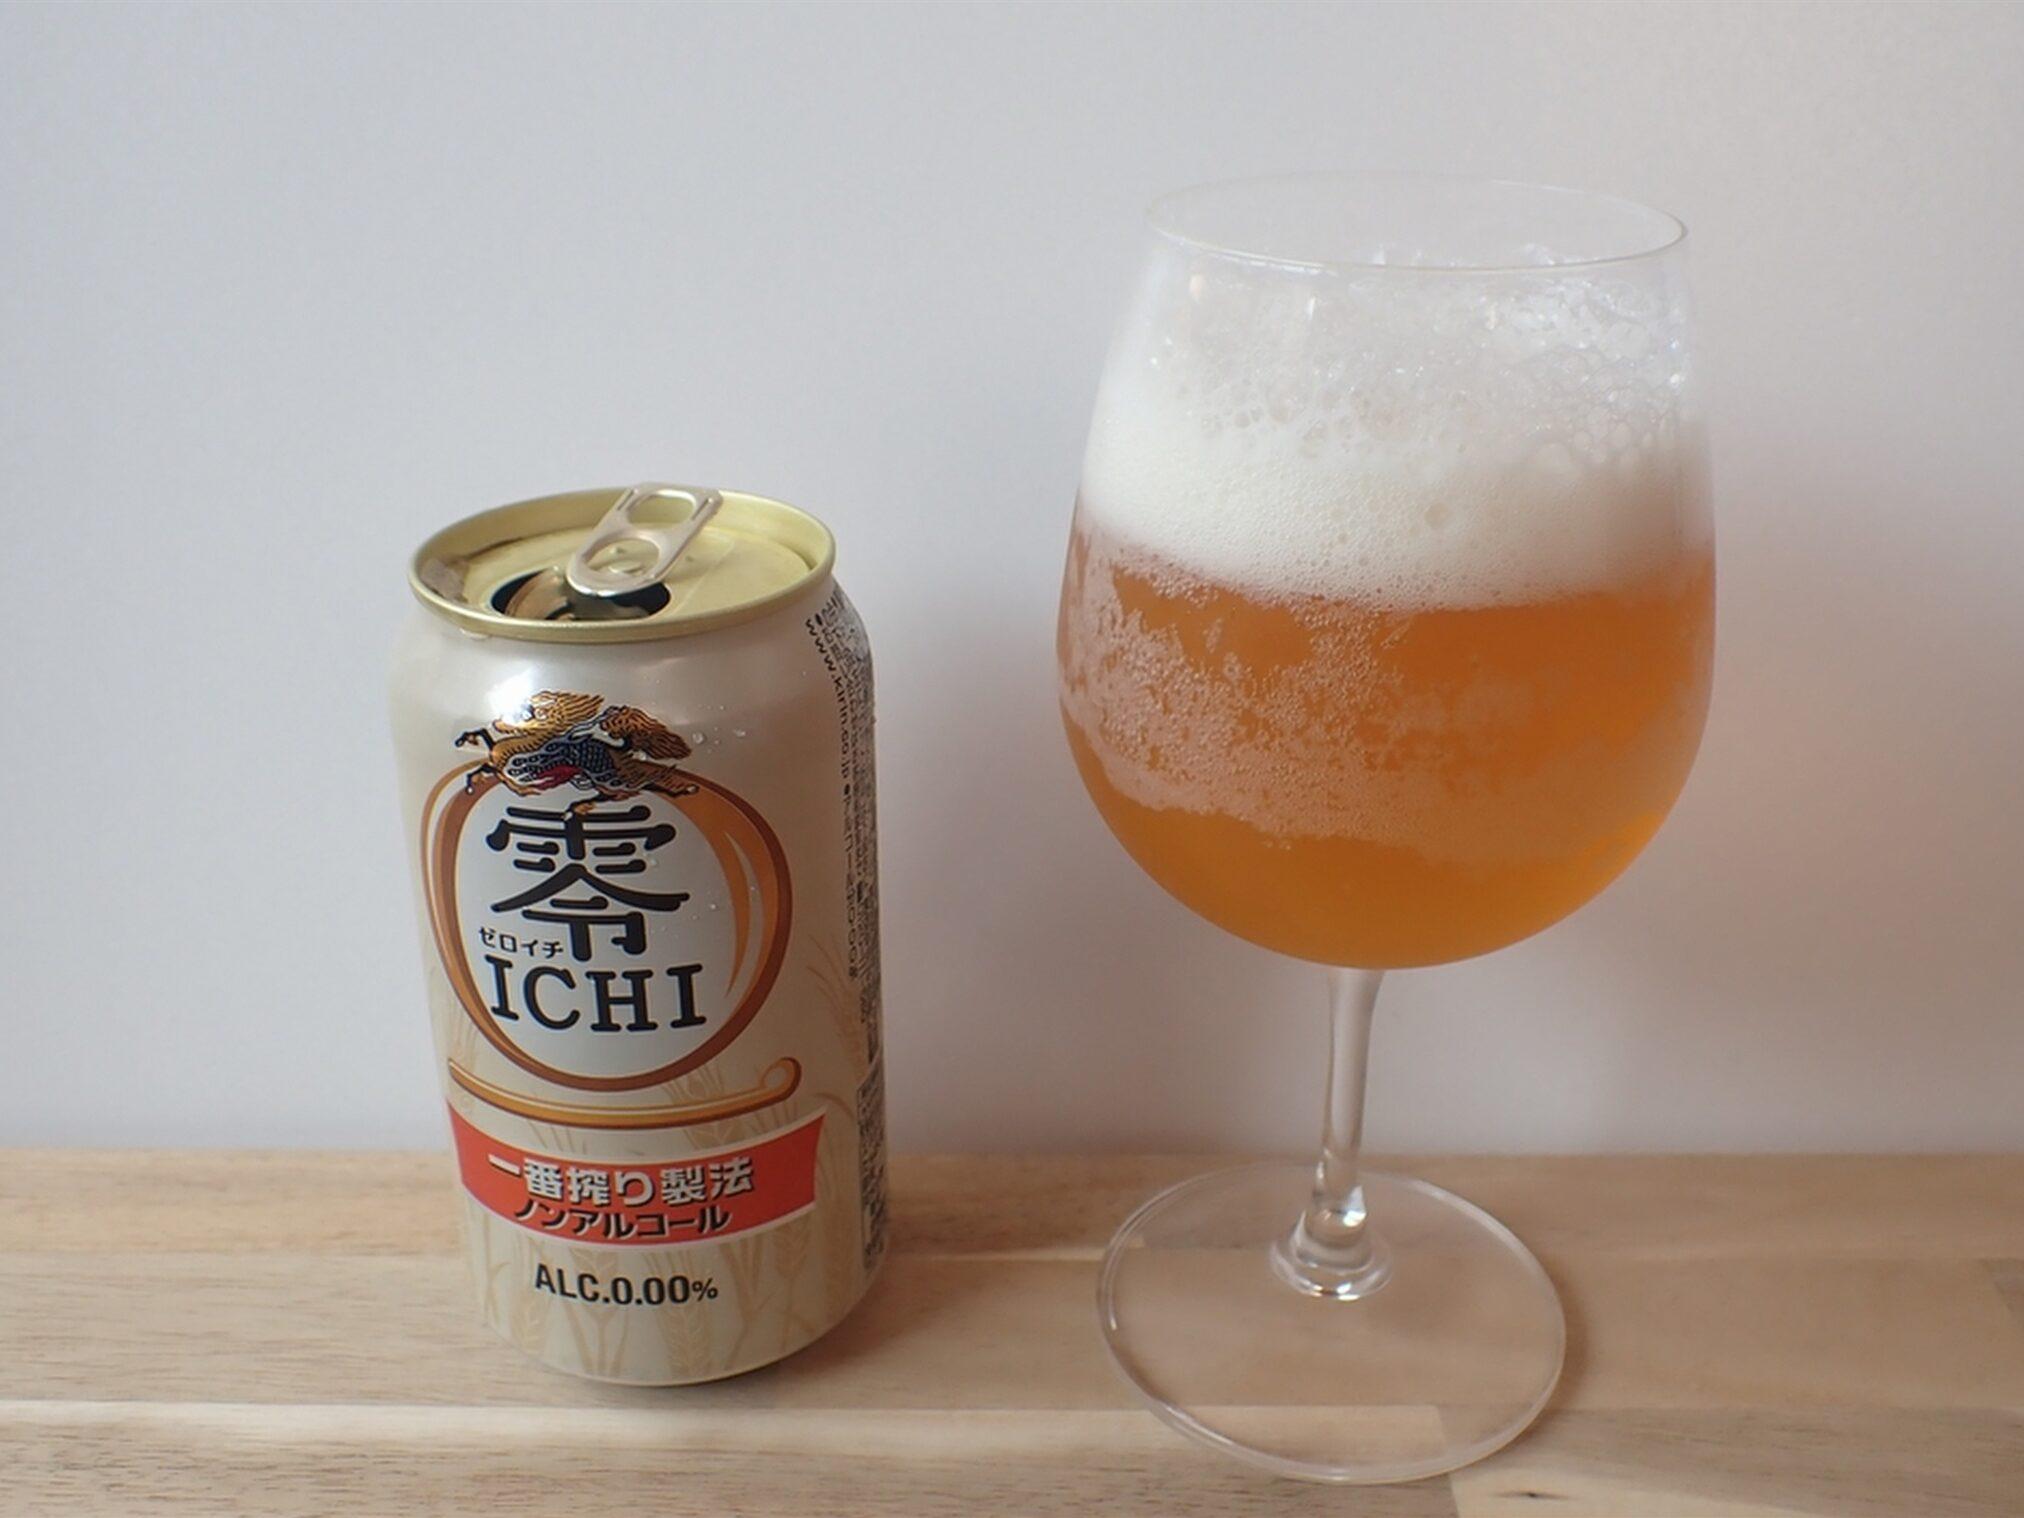 ノンアルコールビール、ビールテイスト飲料 キリン 零ICHI(ゼロイチ)